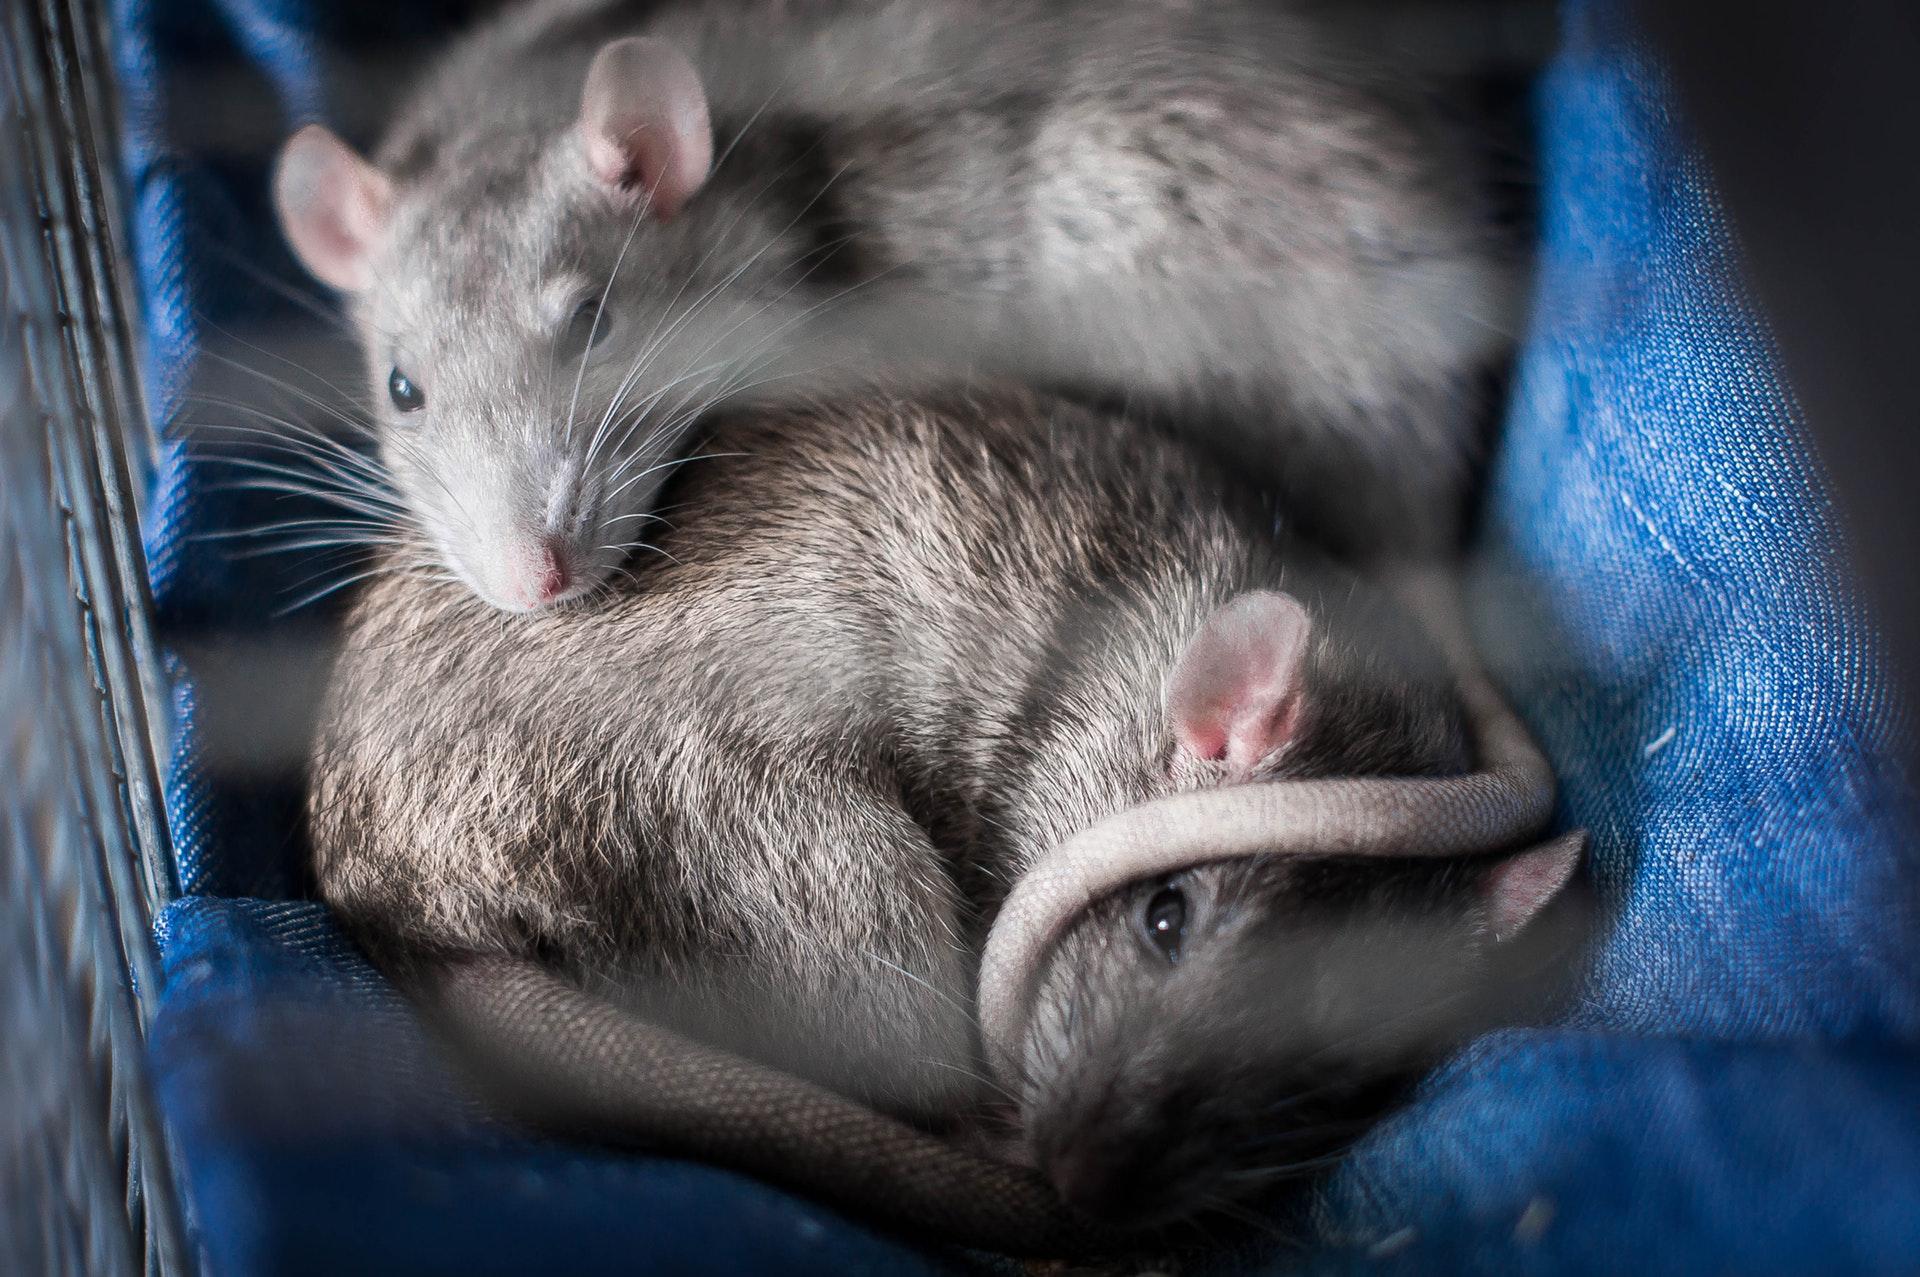 Sonhar com rato em quantidade pode ter diferentes interpretações